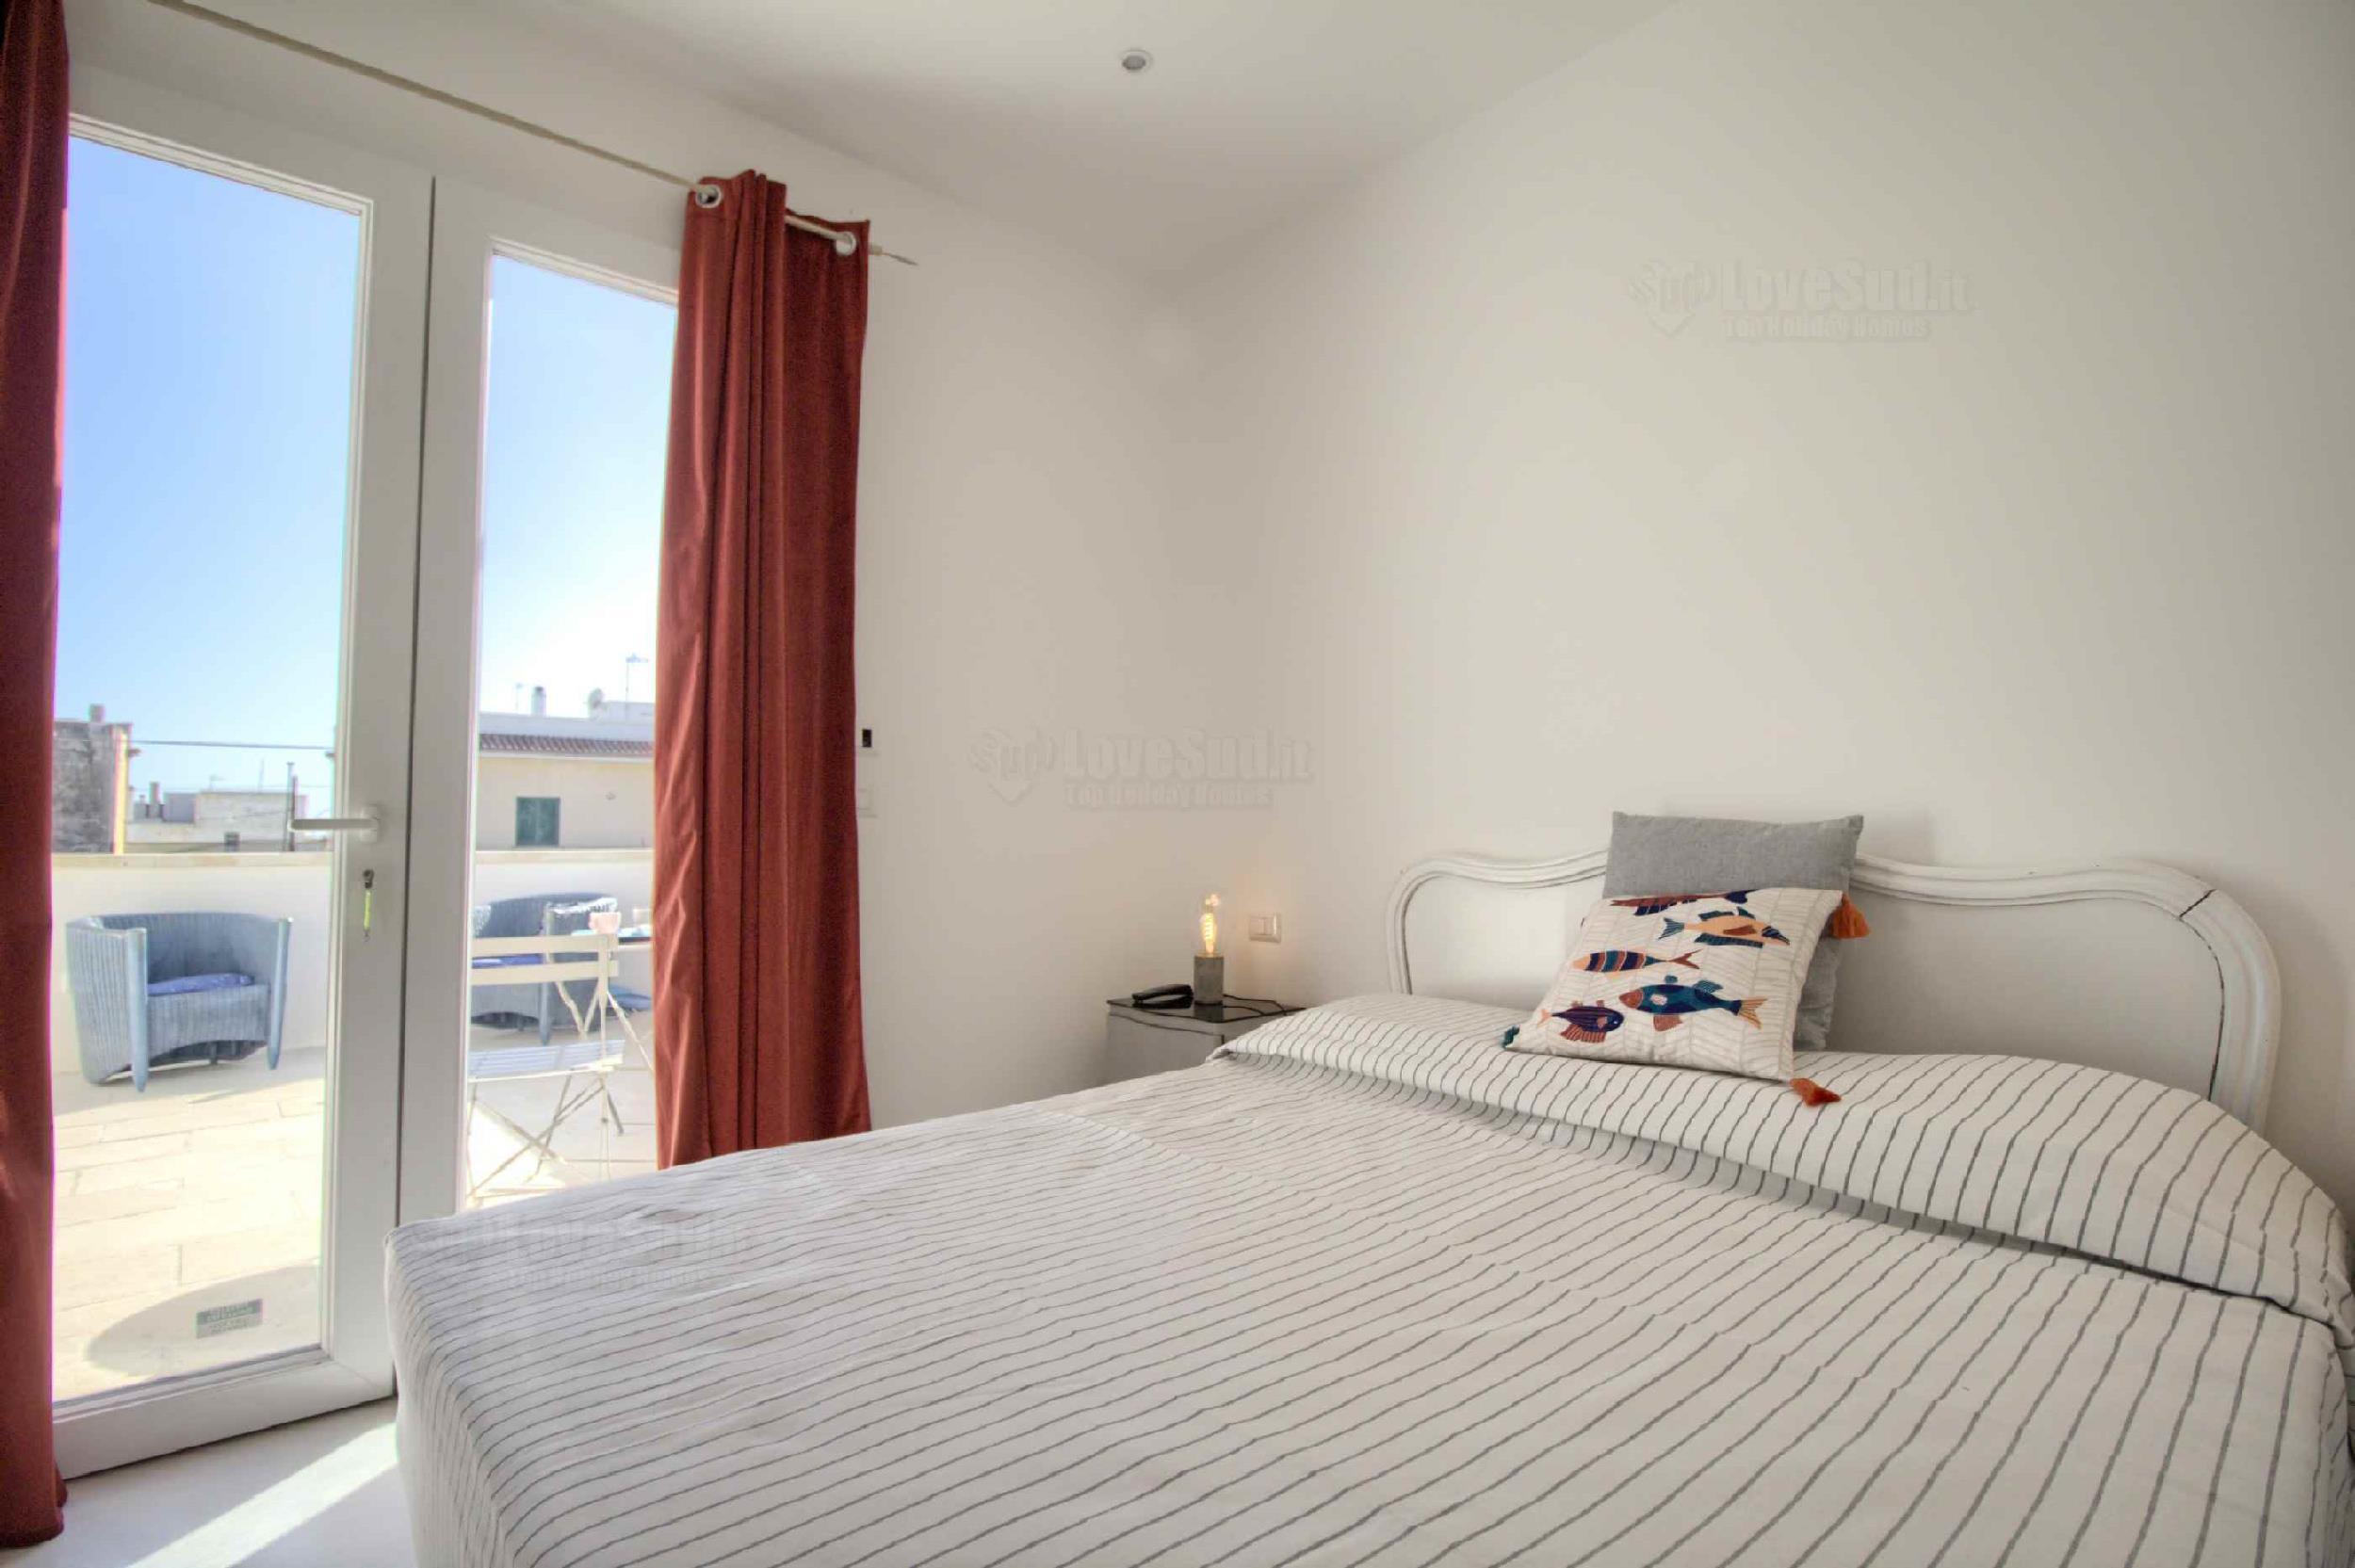 Apartment Deluxe Tangerine Court photo 20255339